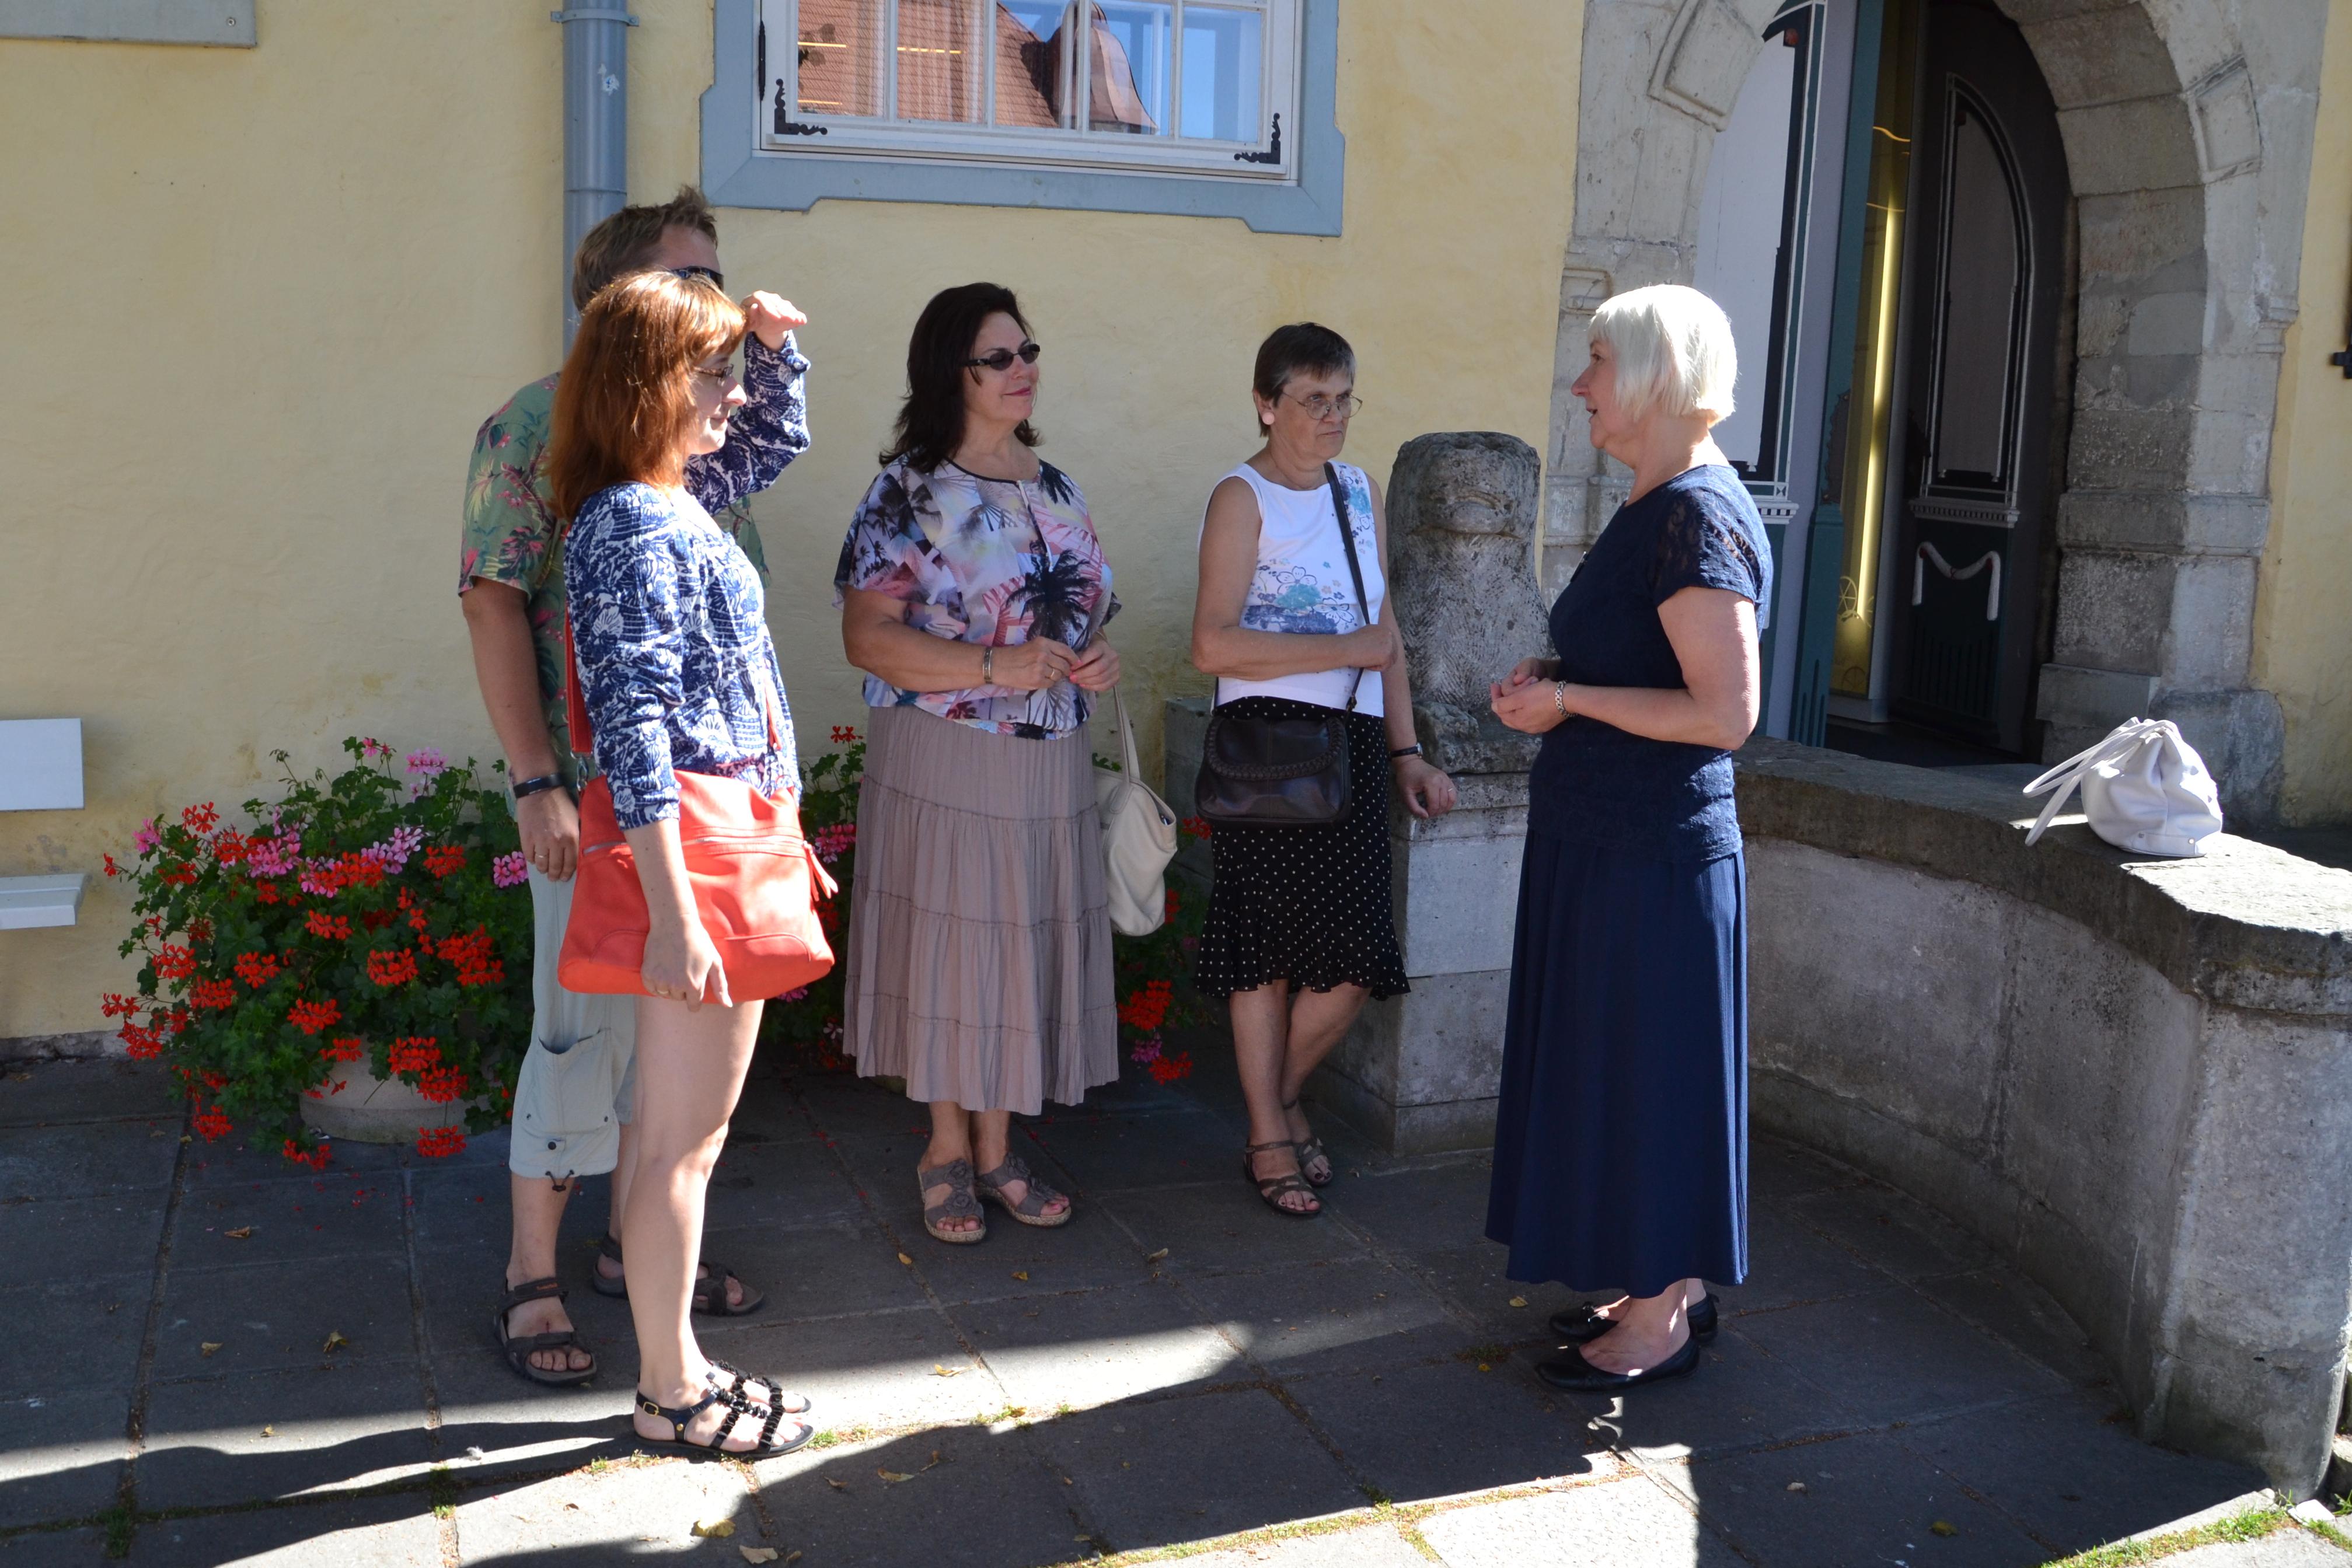 Saaremaa giidid viivad külalised korra nädalas tasuta linnaekskursioonidele